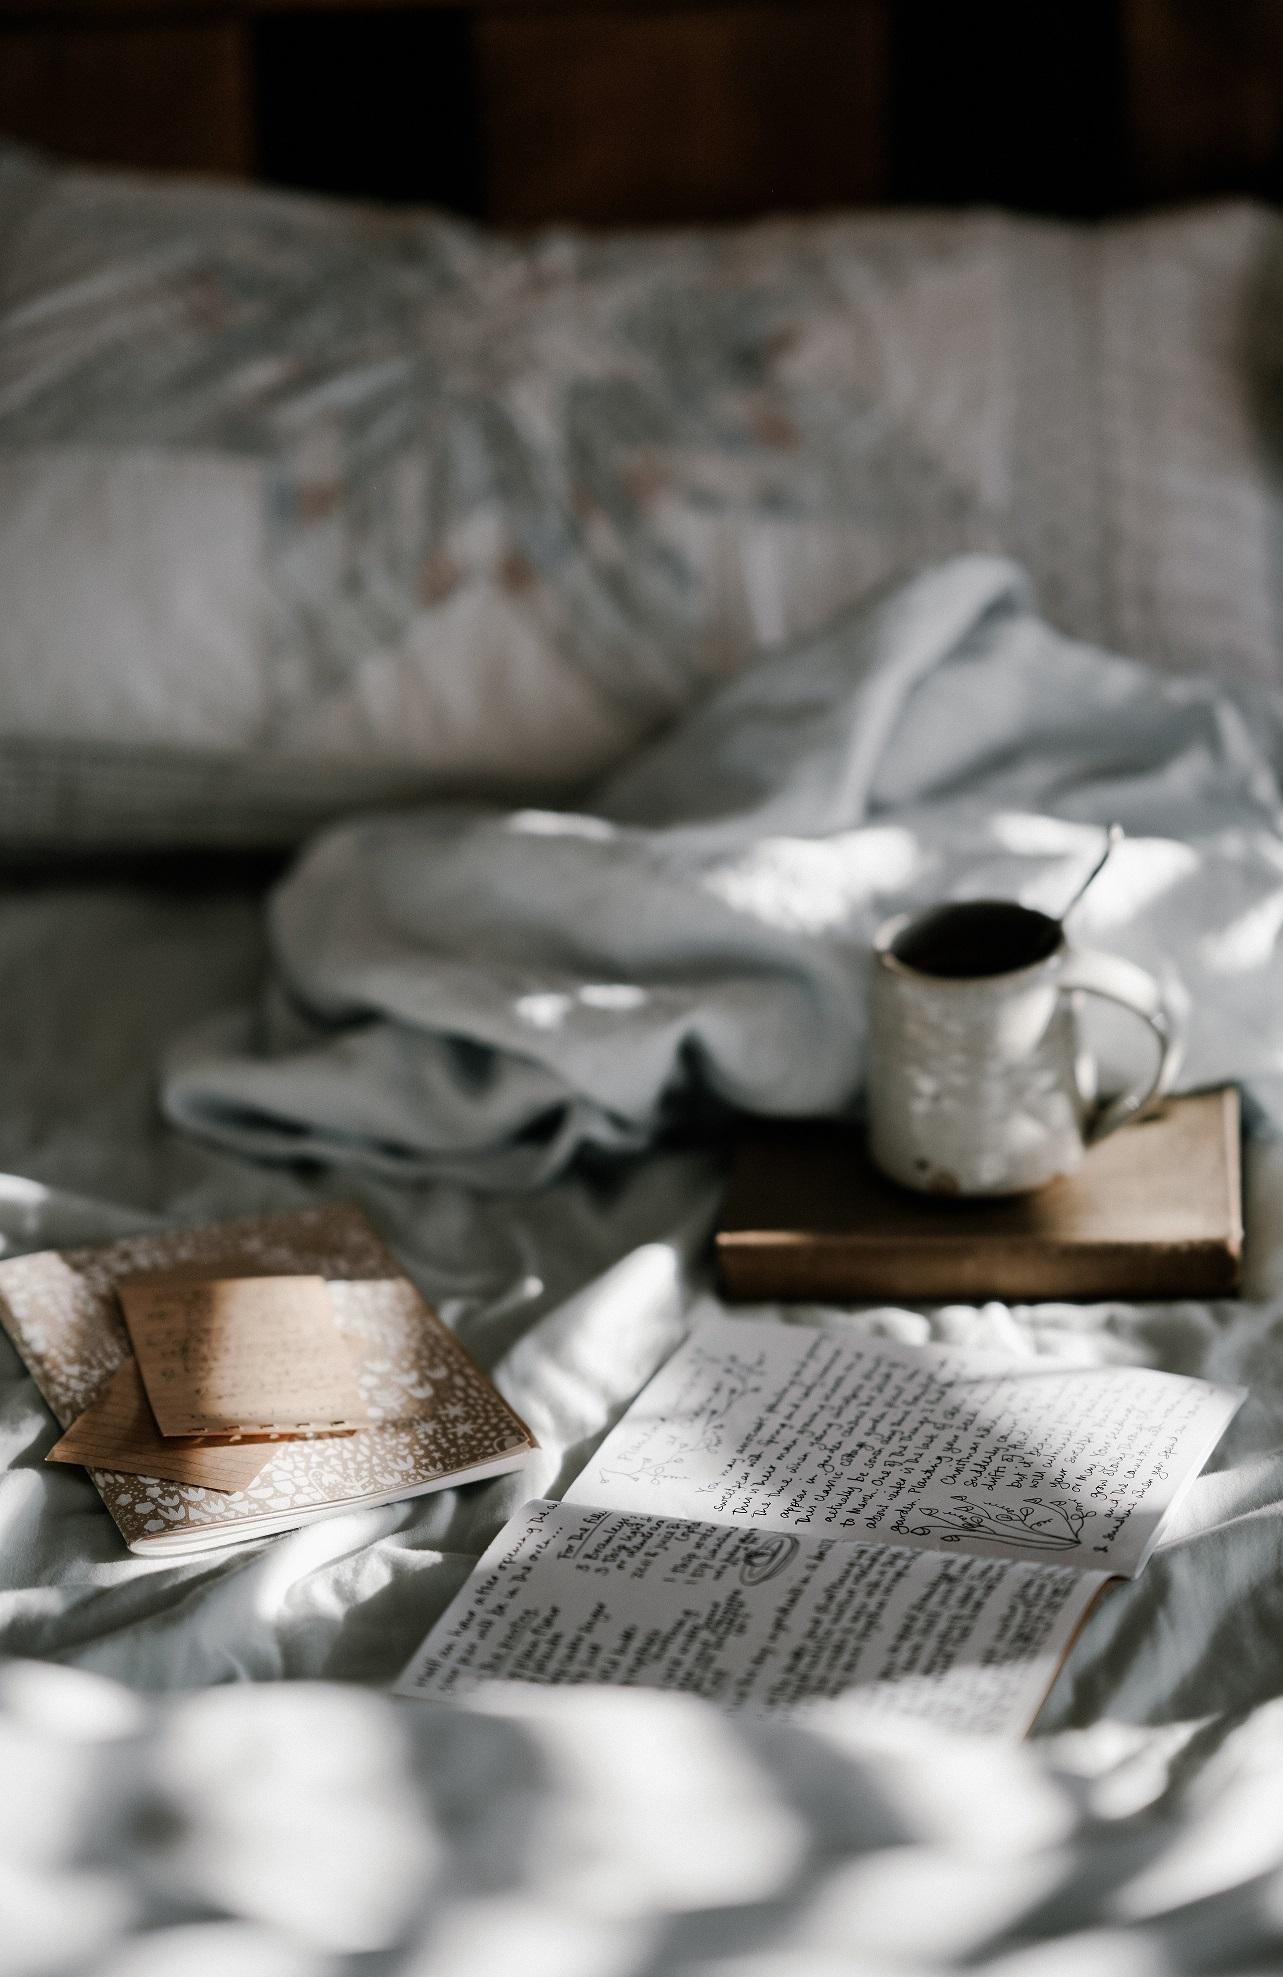 Foto van een slaapkamer in ochtendlicht met allerlei spullen op het bed.